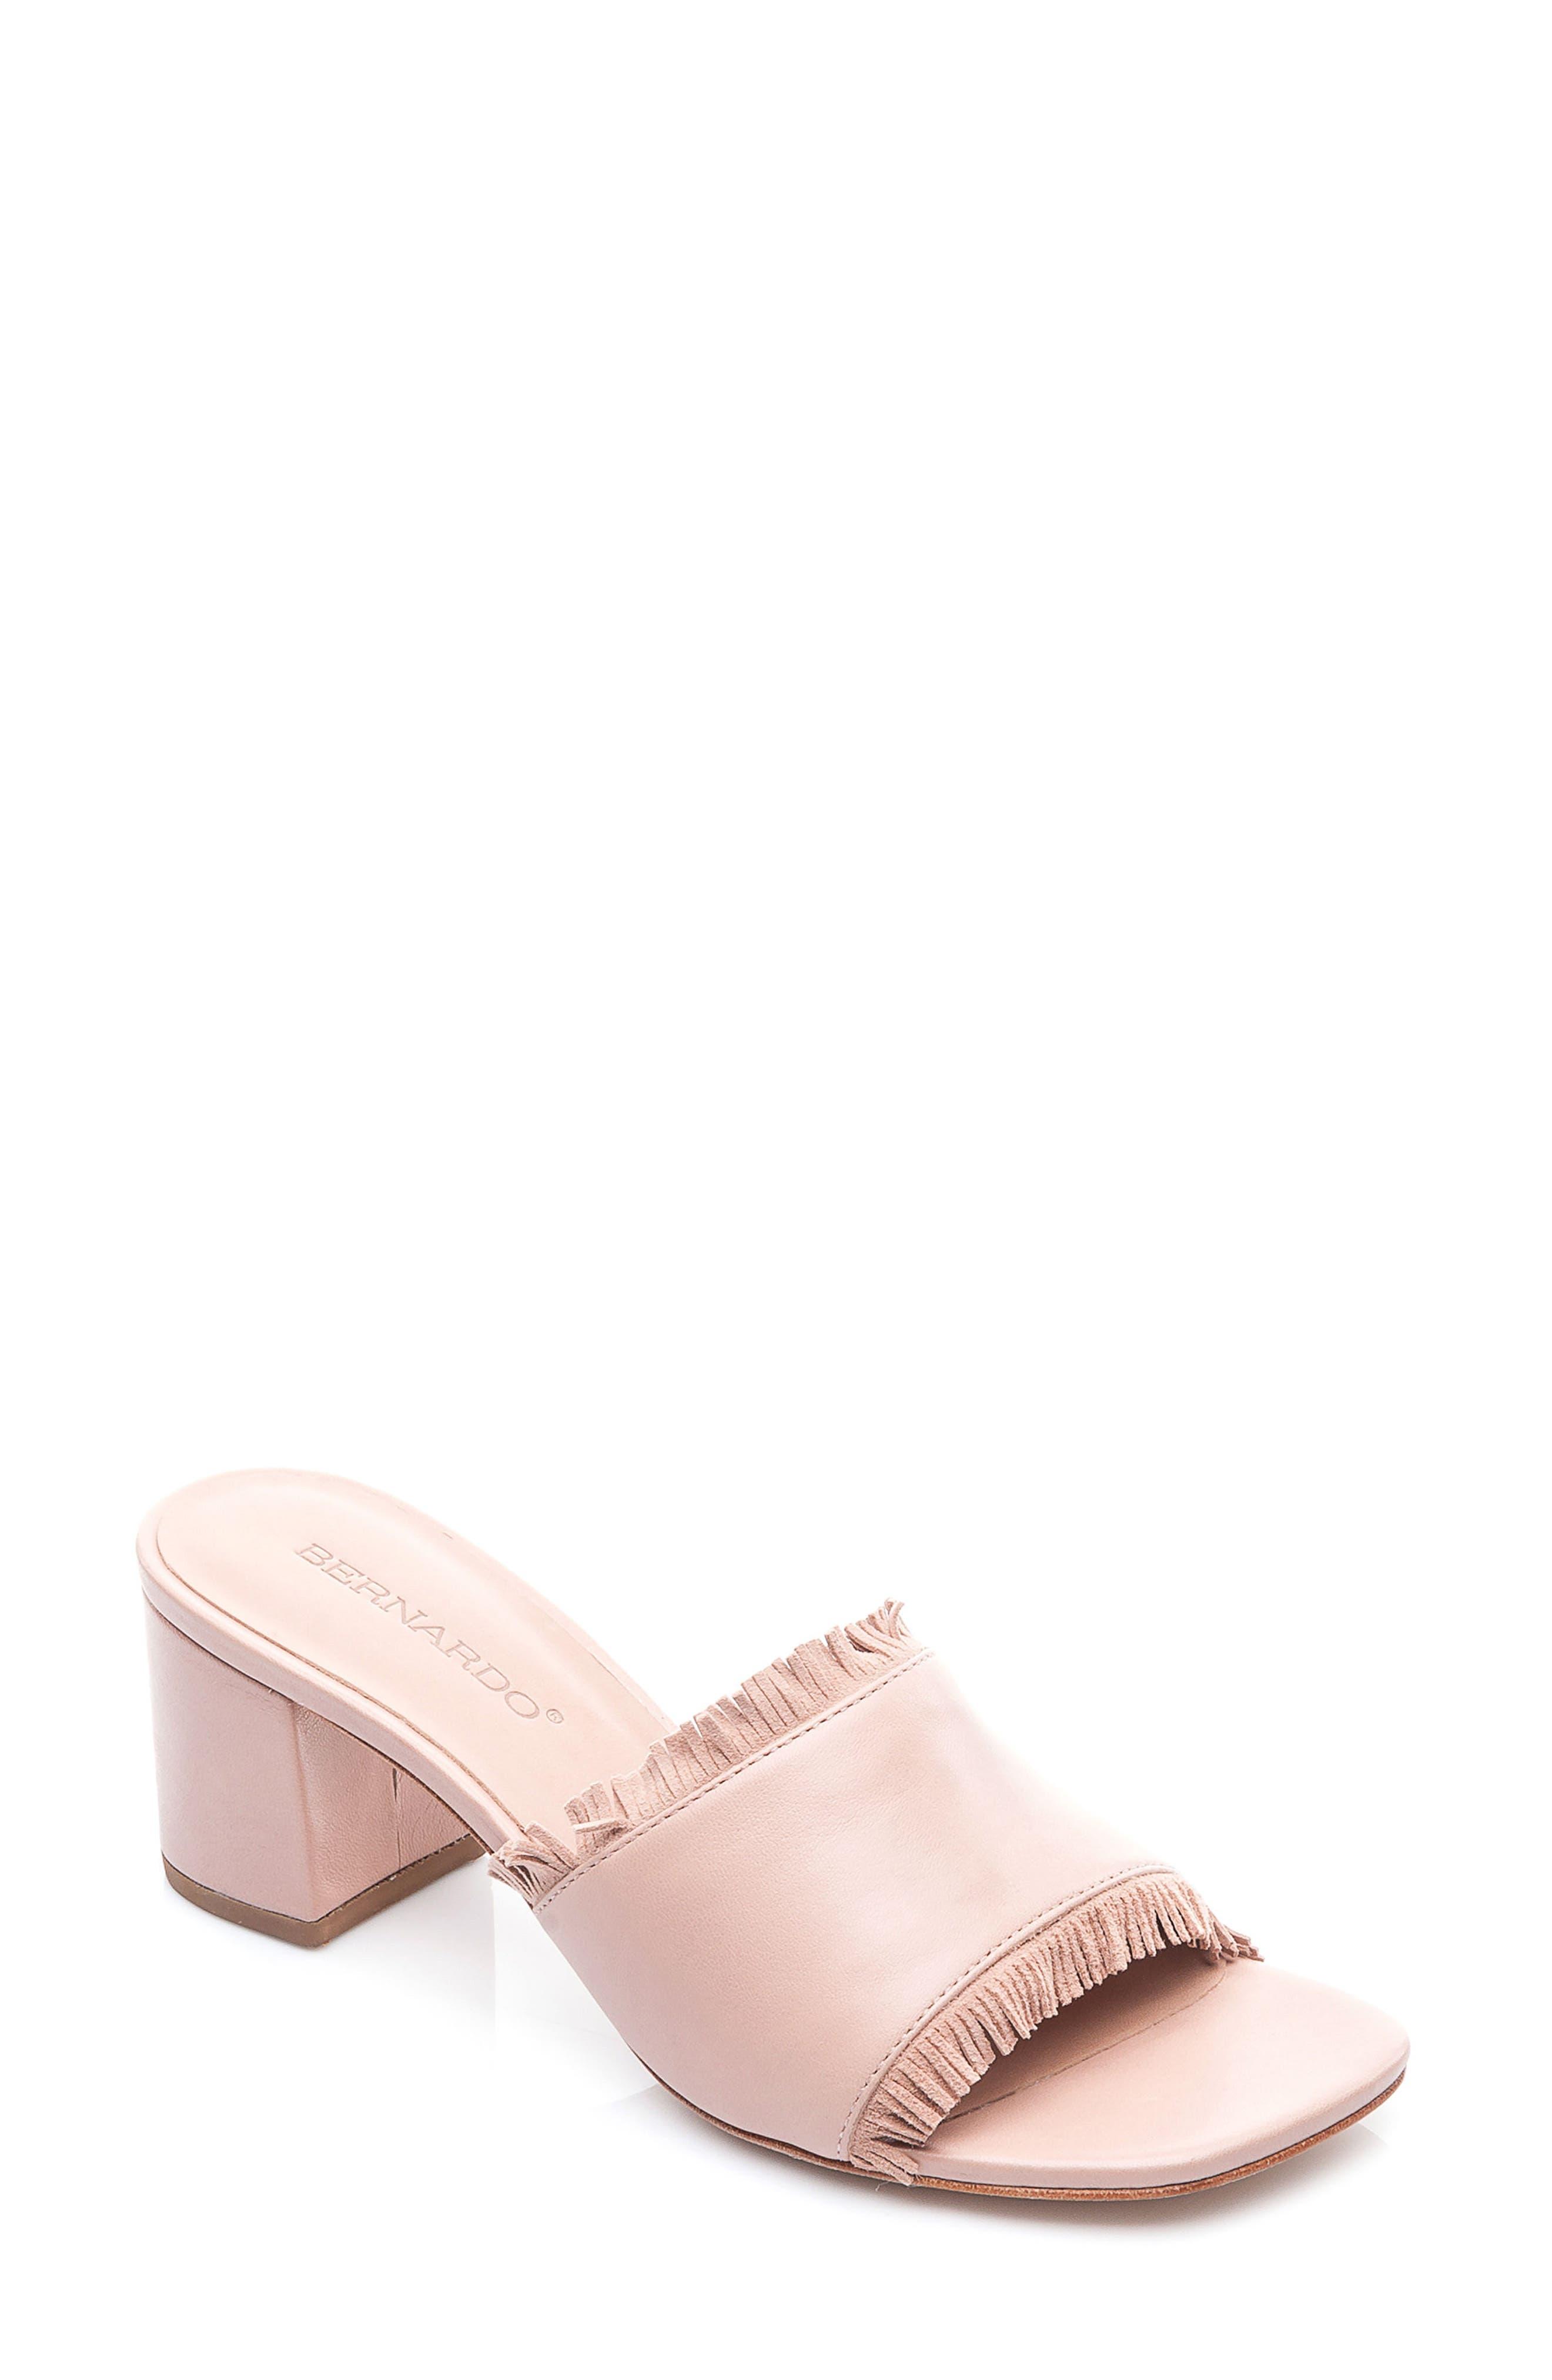 Bernardo Blossom Slide Sandal,                         Main,                         color, Blush Leather